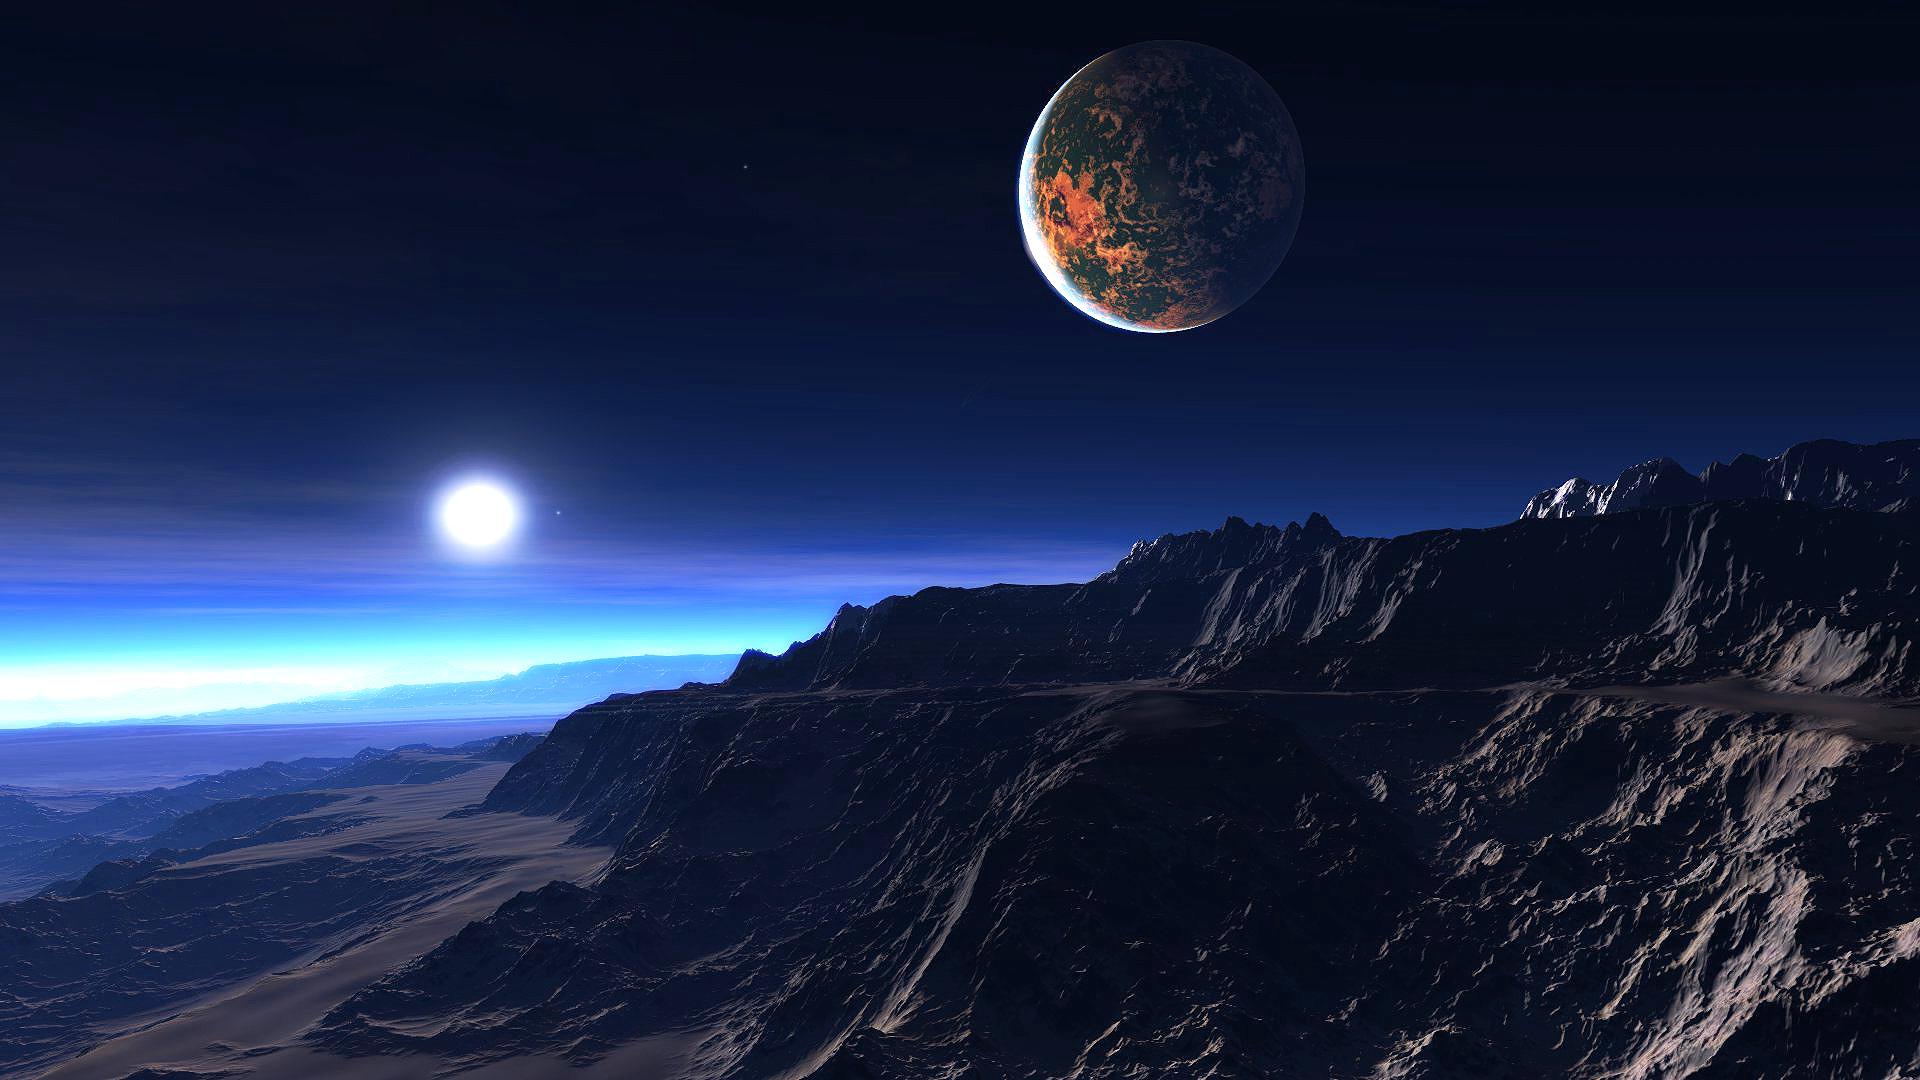 HDoboi.Kiev.ua - Экзопланета в атмосфере, обои на хонор космос